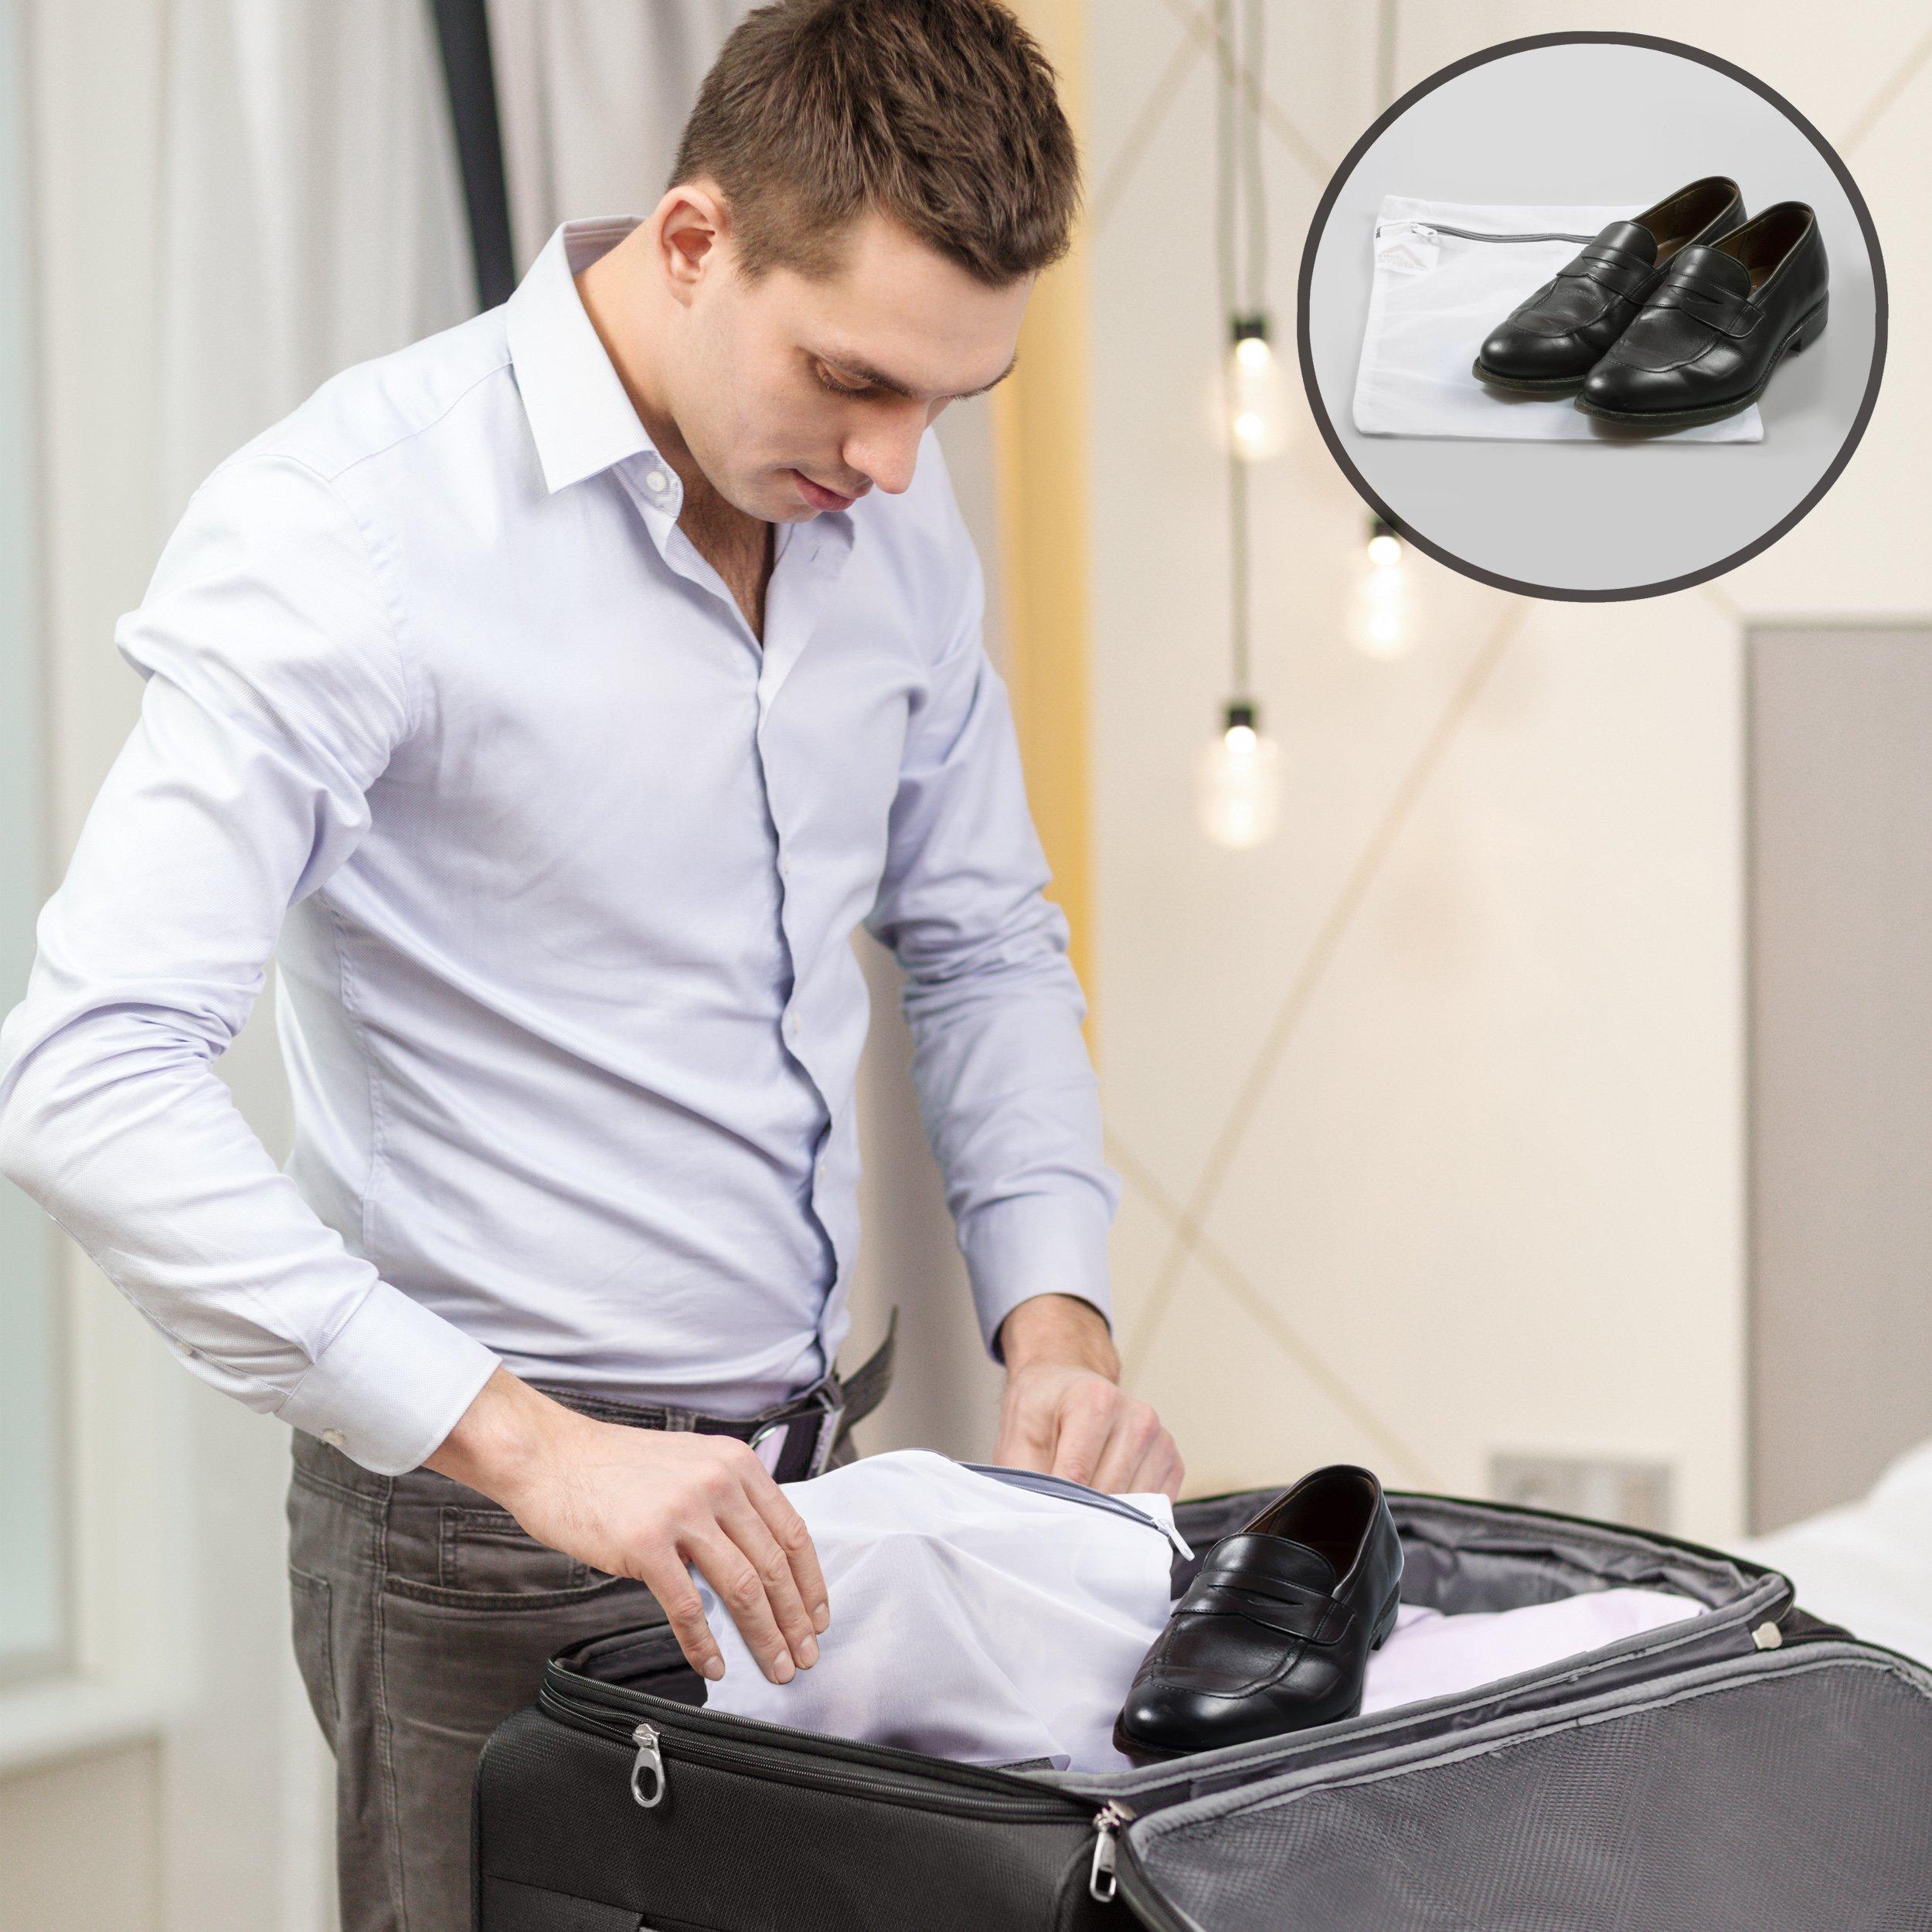 InsideSmarts Delicates Laundry Wash Bags, Set of 4 (2 Medium & 2 Large) by InsideSmarts (Image #7)